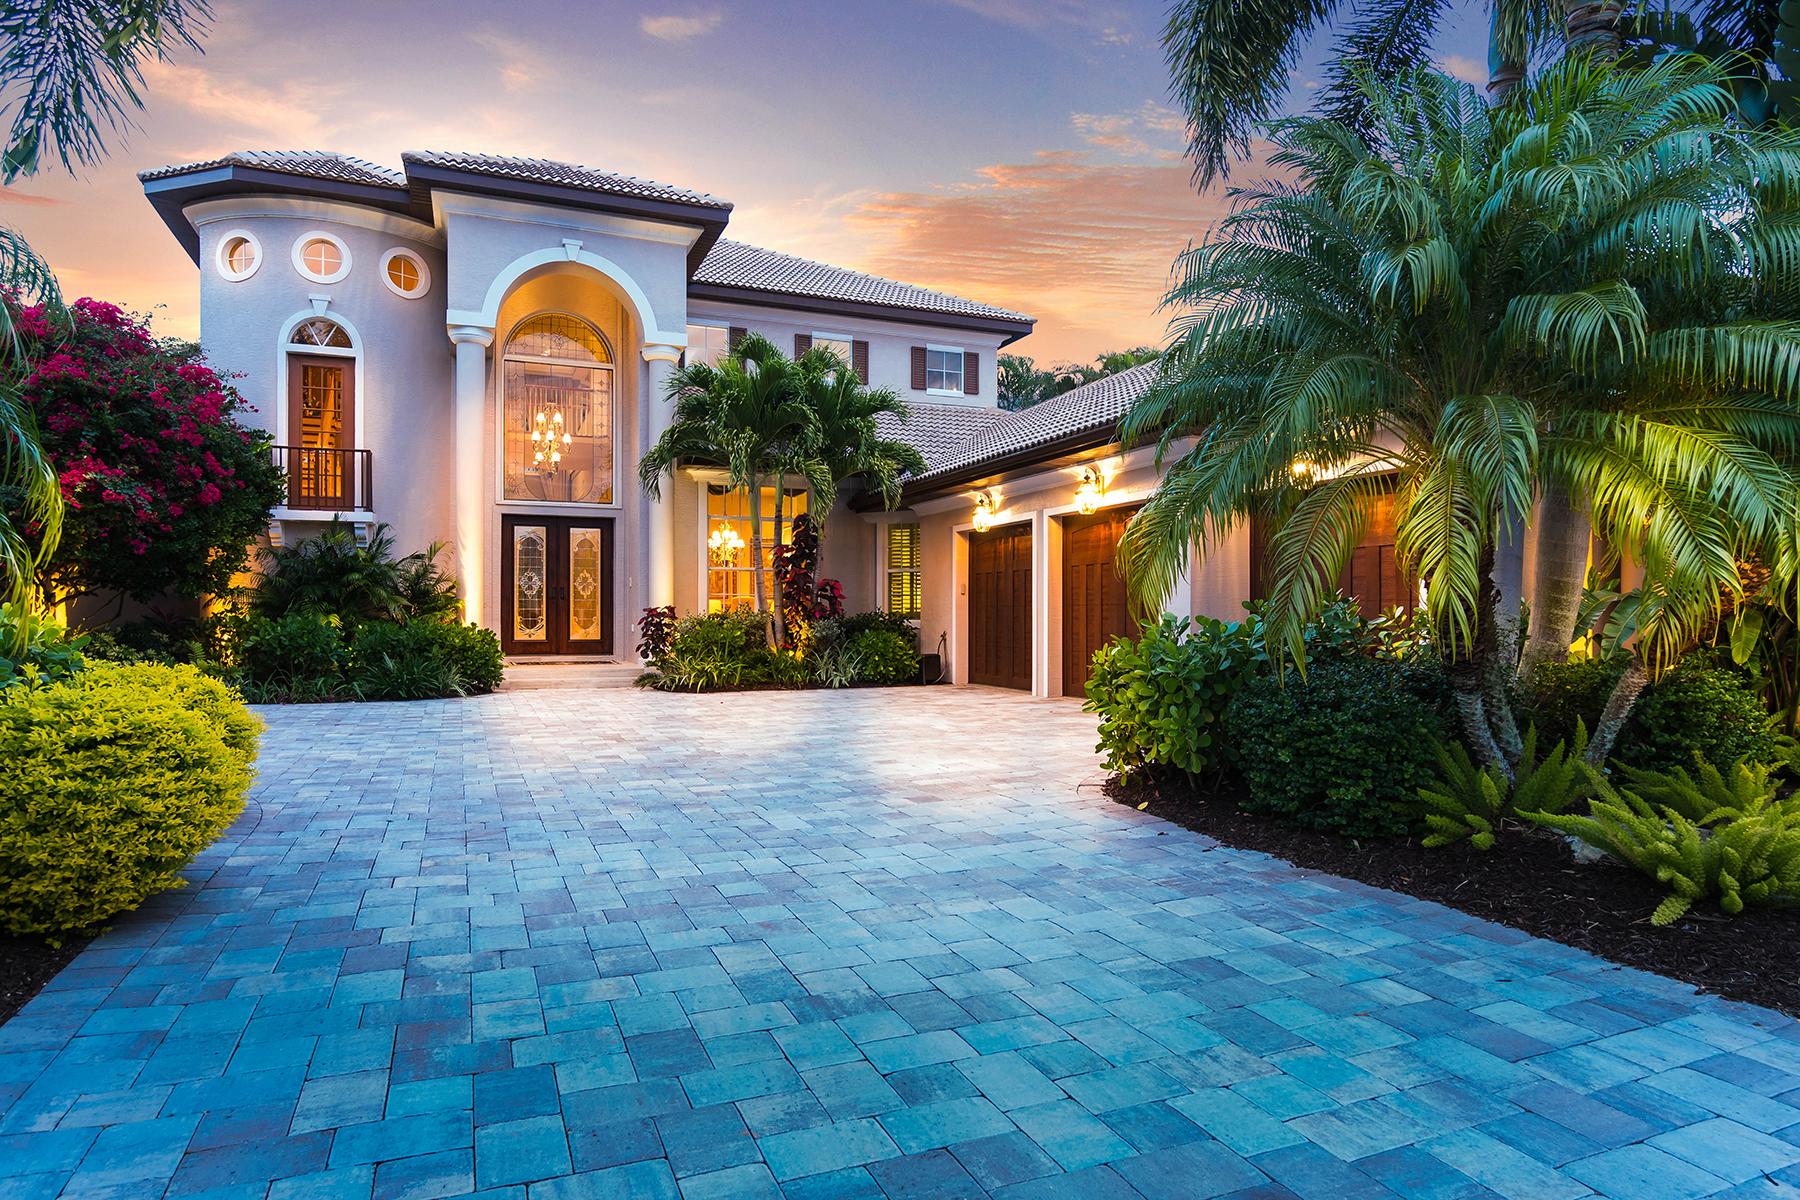 Casa Unifamiliar por un Venta en WATERLEFE 10411 Riverbank Terrace Bradenton, Florida, 34212 Estados Unidos